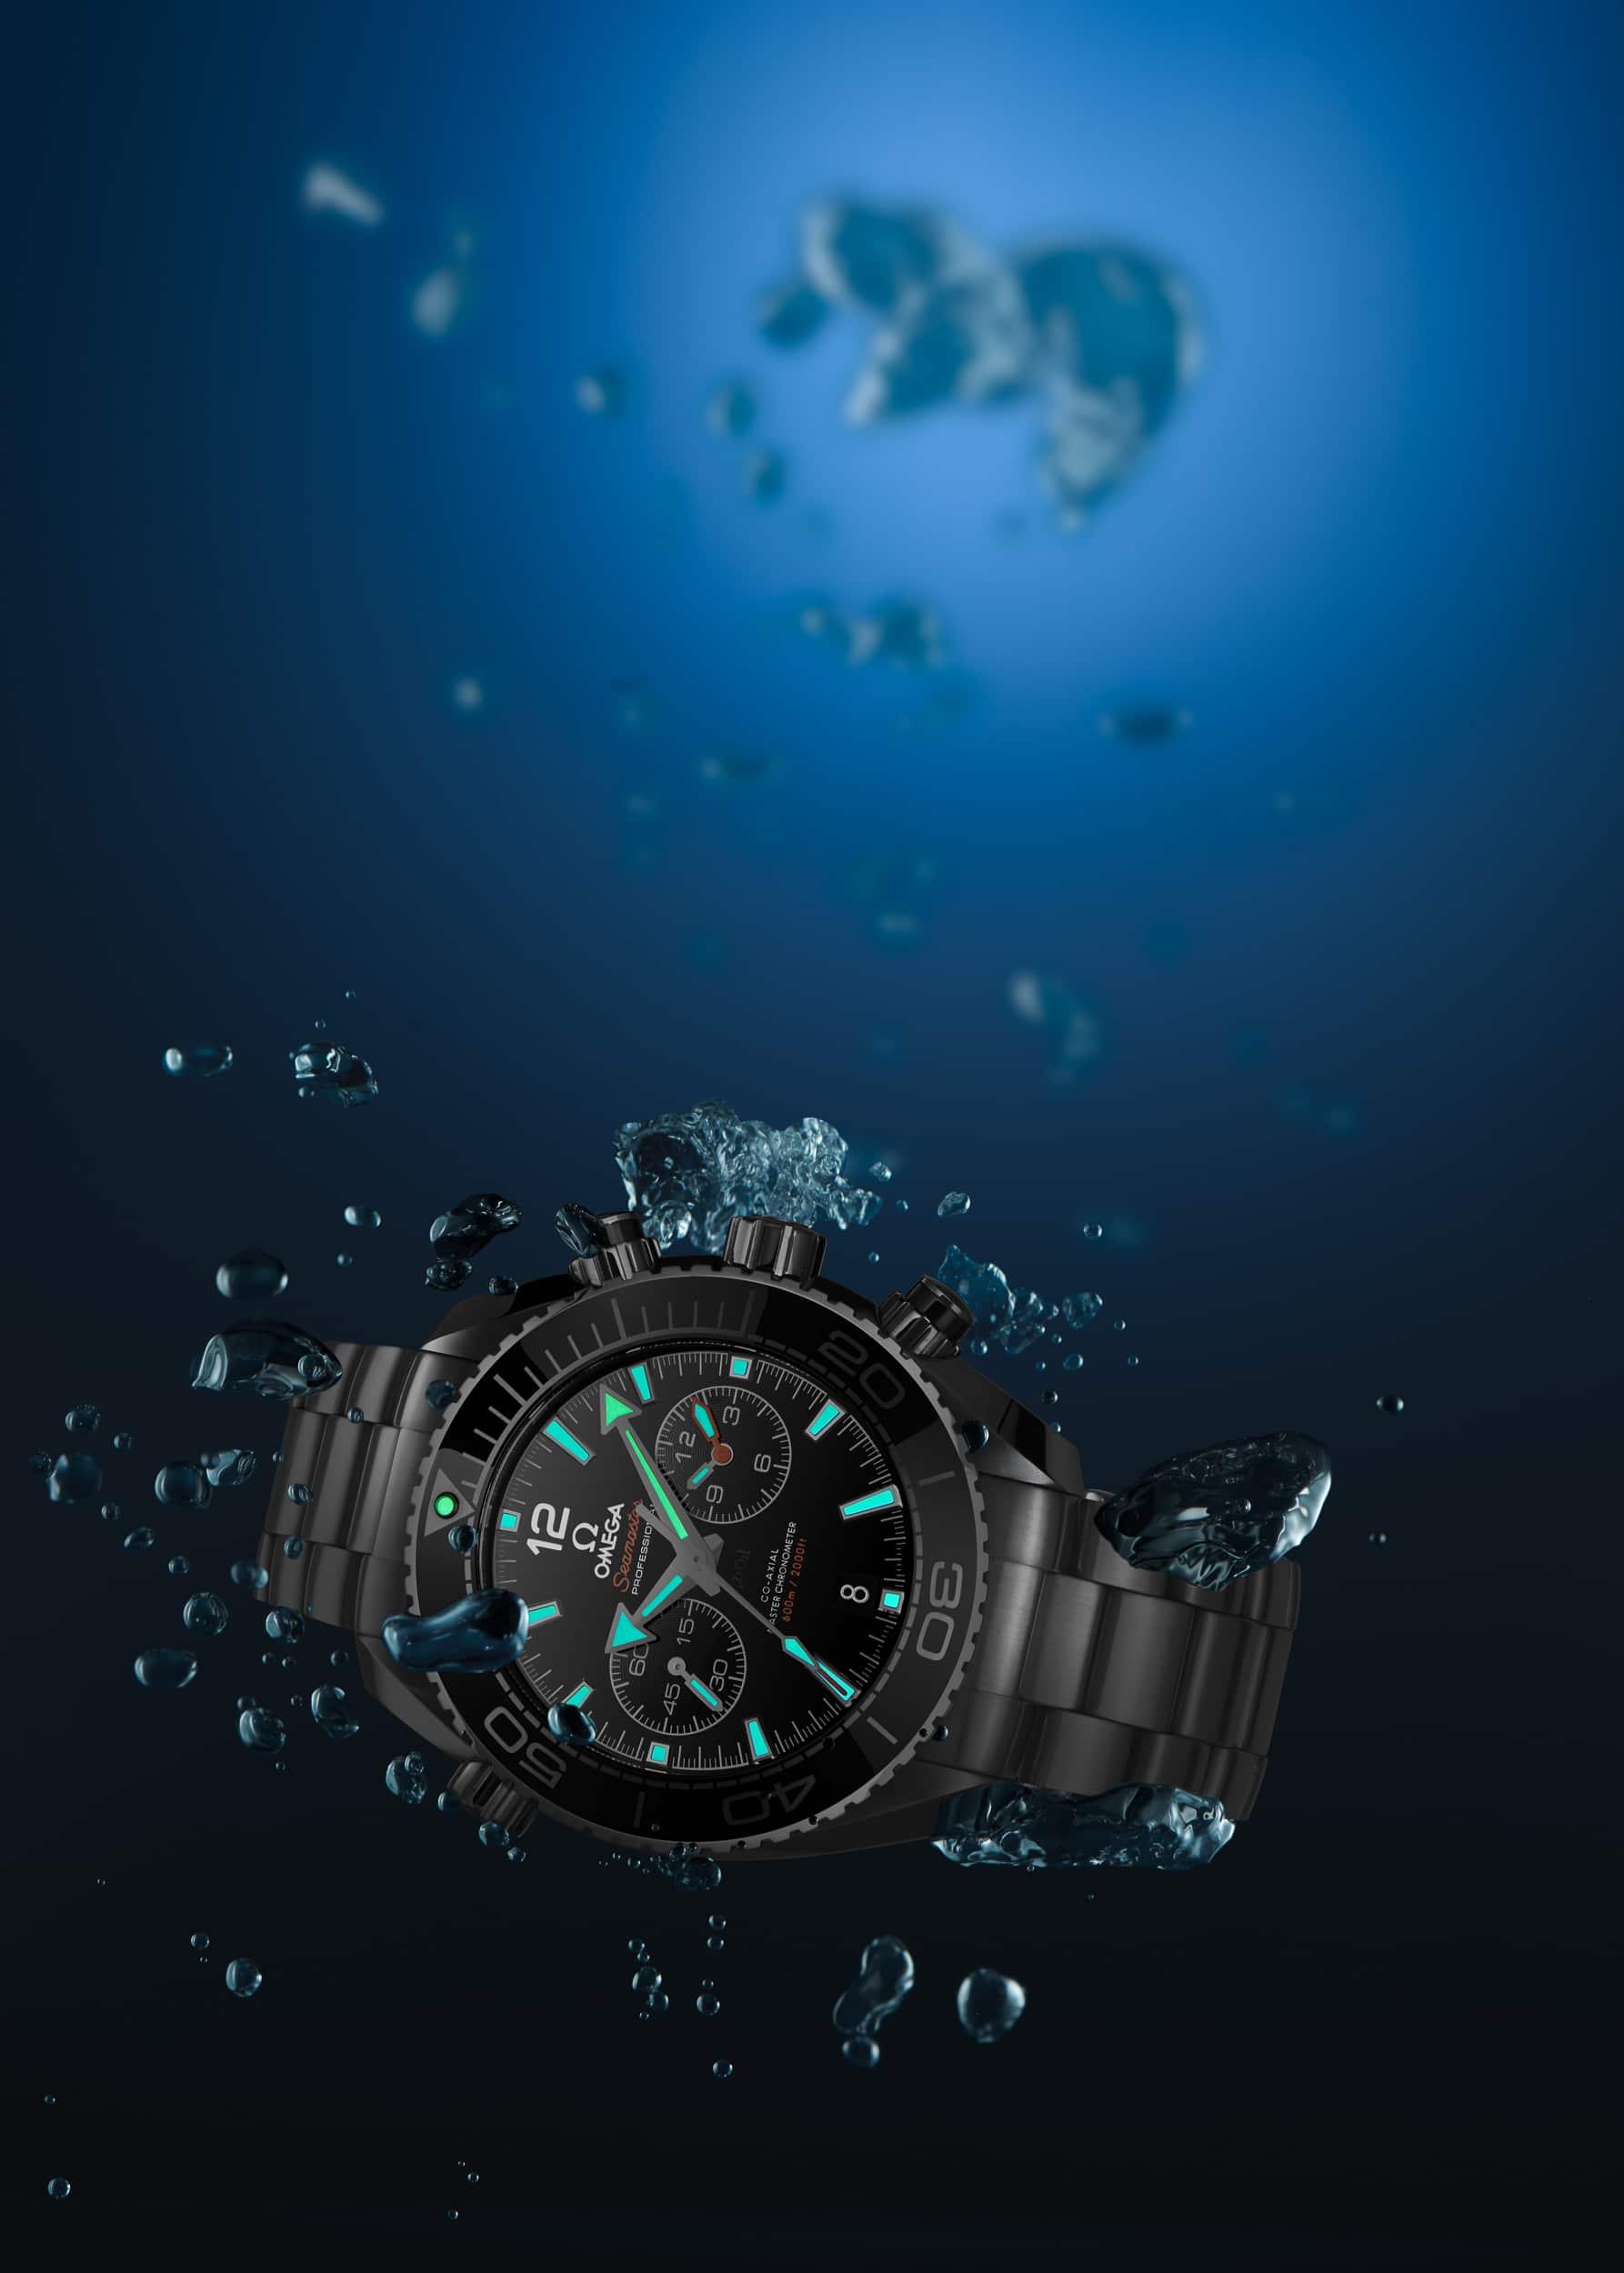 Werbeaufnahme einer Omega Planet Ocean Chronograph 600m Taucheruhr in der Tiefe unter Wasser mit leuchtender Superluminova | Fotograf in der Region Osnabrück Münster Bielefeld für Werbefotografie